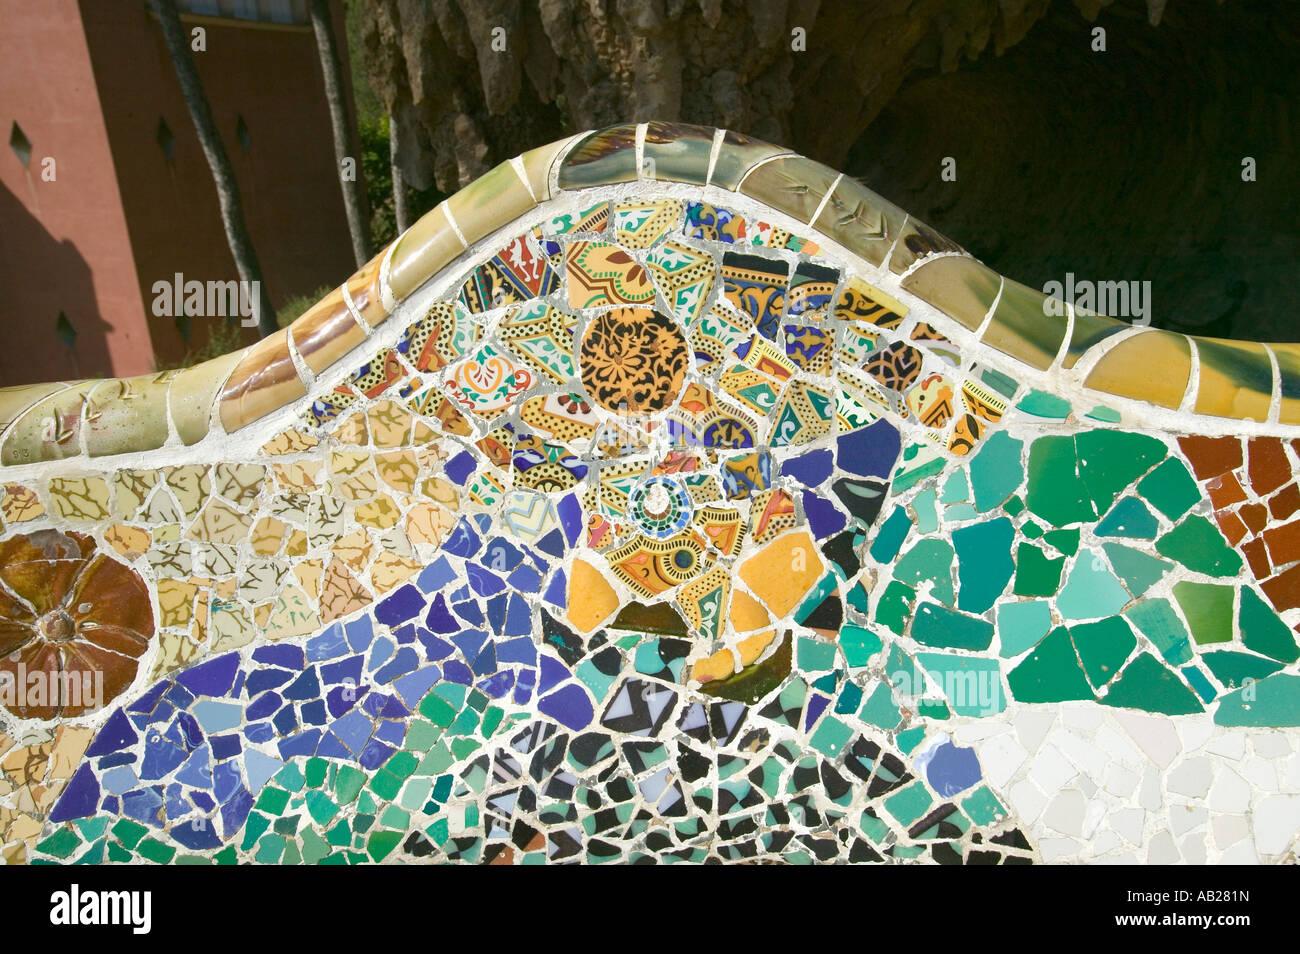 Closeup Of Mosaic Of Colored Ceramic Tile By Antoni Gaudi